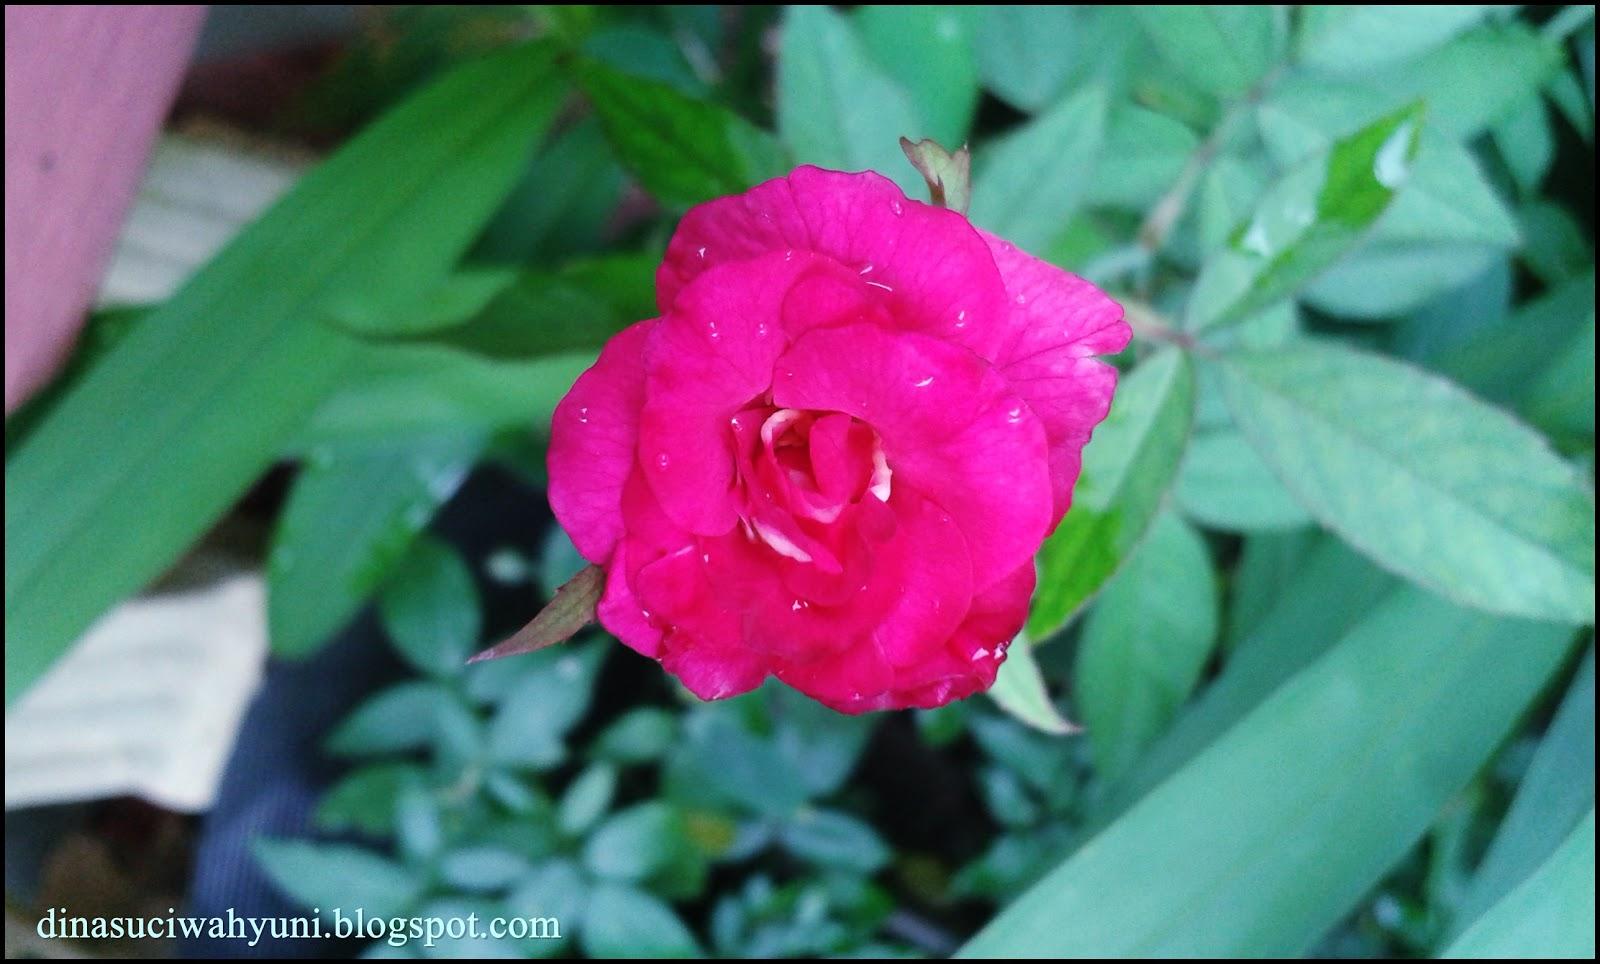 Klasifikasi Ilmiah Bunga Mawar Dan Manfaat Air Mawar Untuk Kecantikan Jdsk